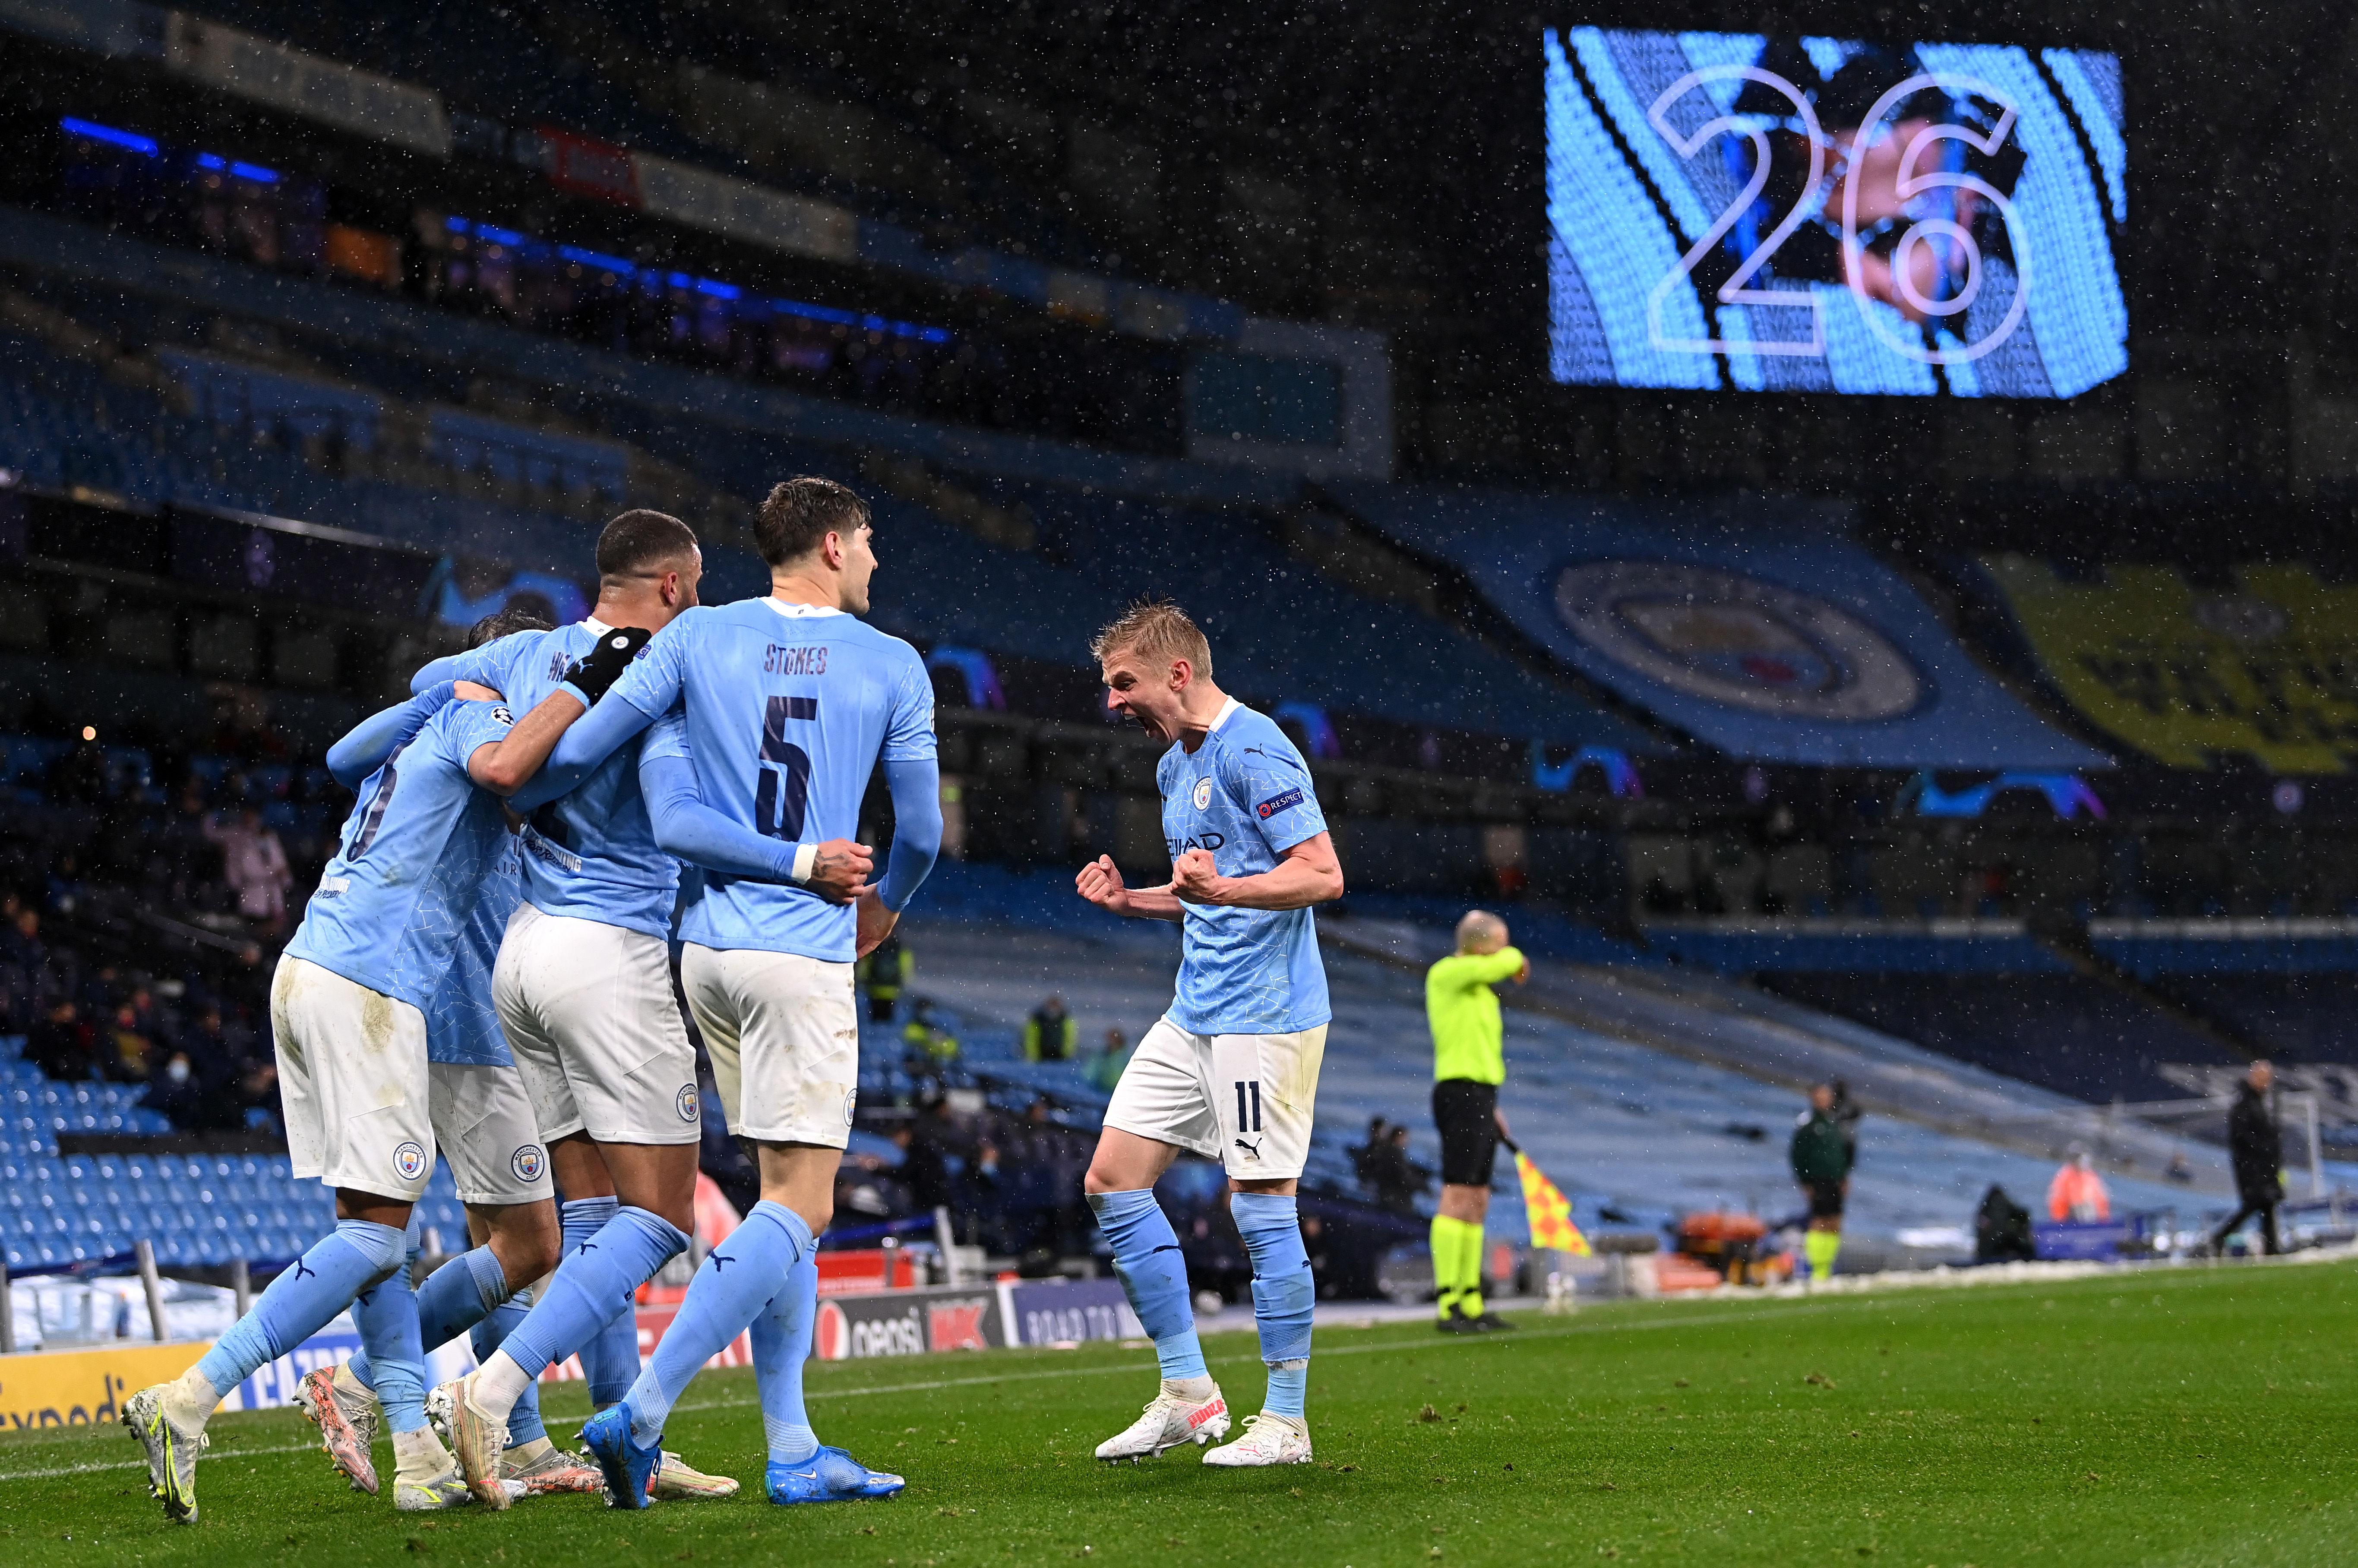 Манчестер Сити - ПСЖ 2:0. Идеальный футбол и первый финал Лиги чемпионов в истории Сити - изображение 3